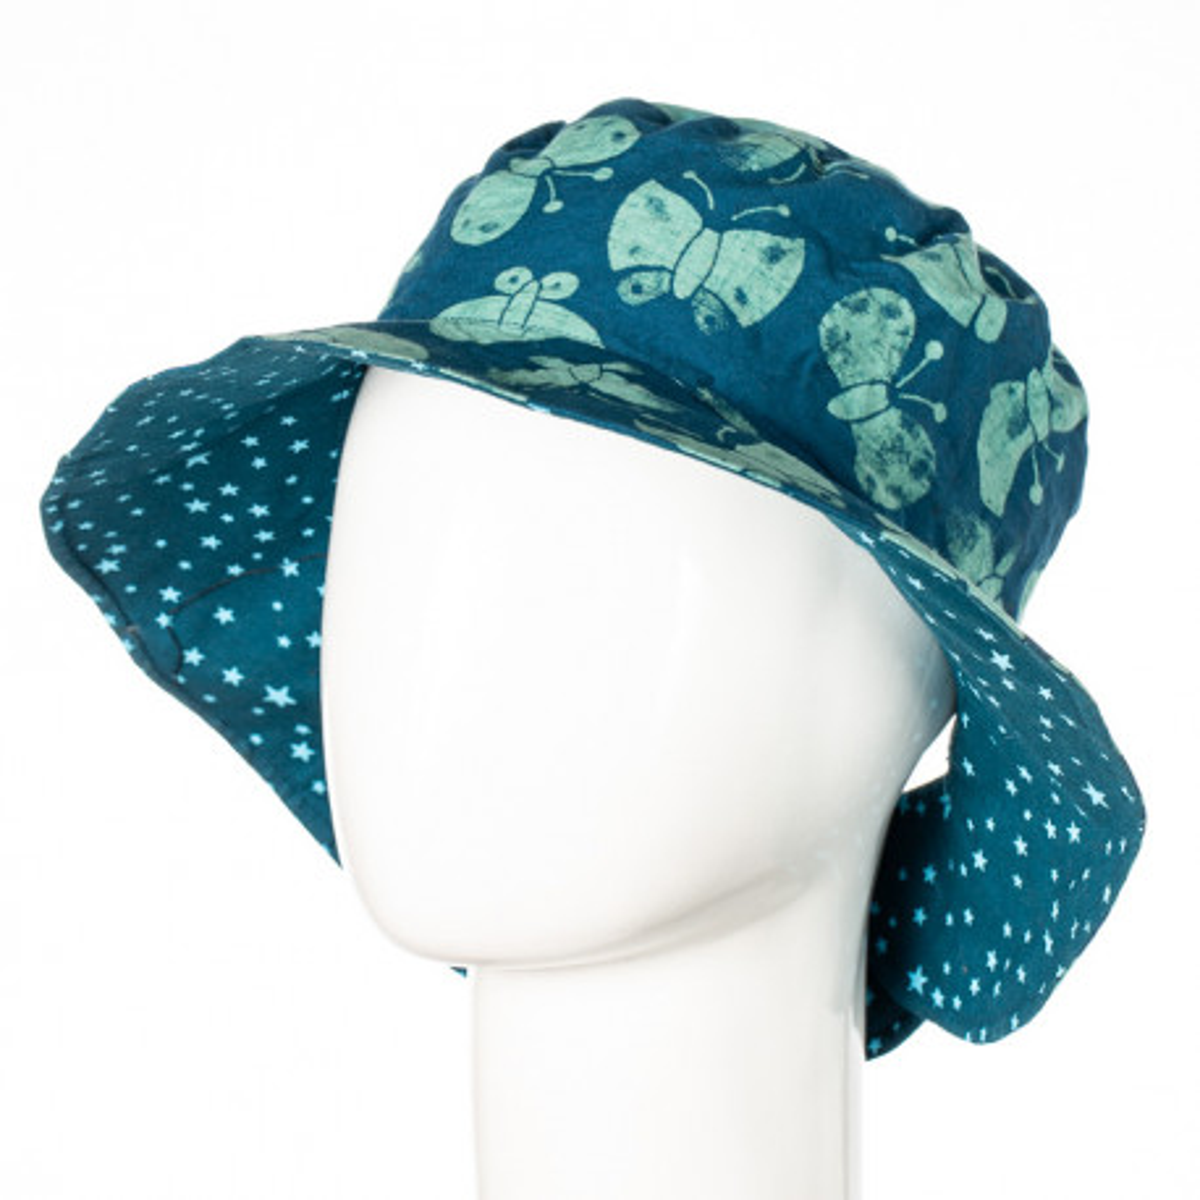 Chapeau coton réversible enfant 1-8 ans bleu avec papillons et étoiles